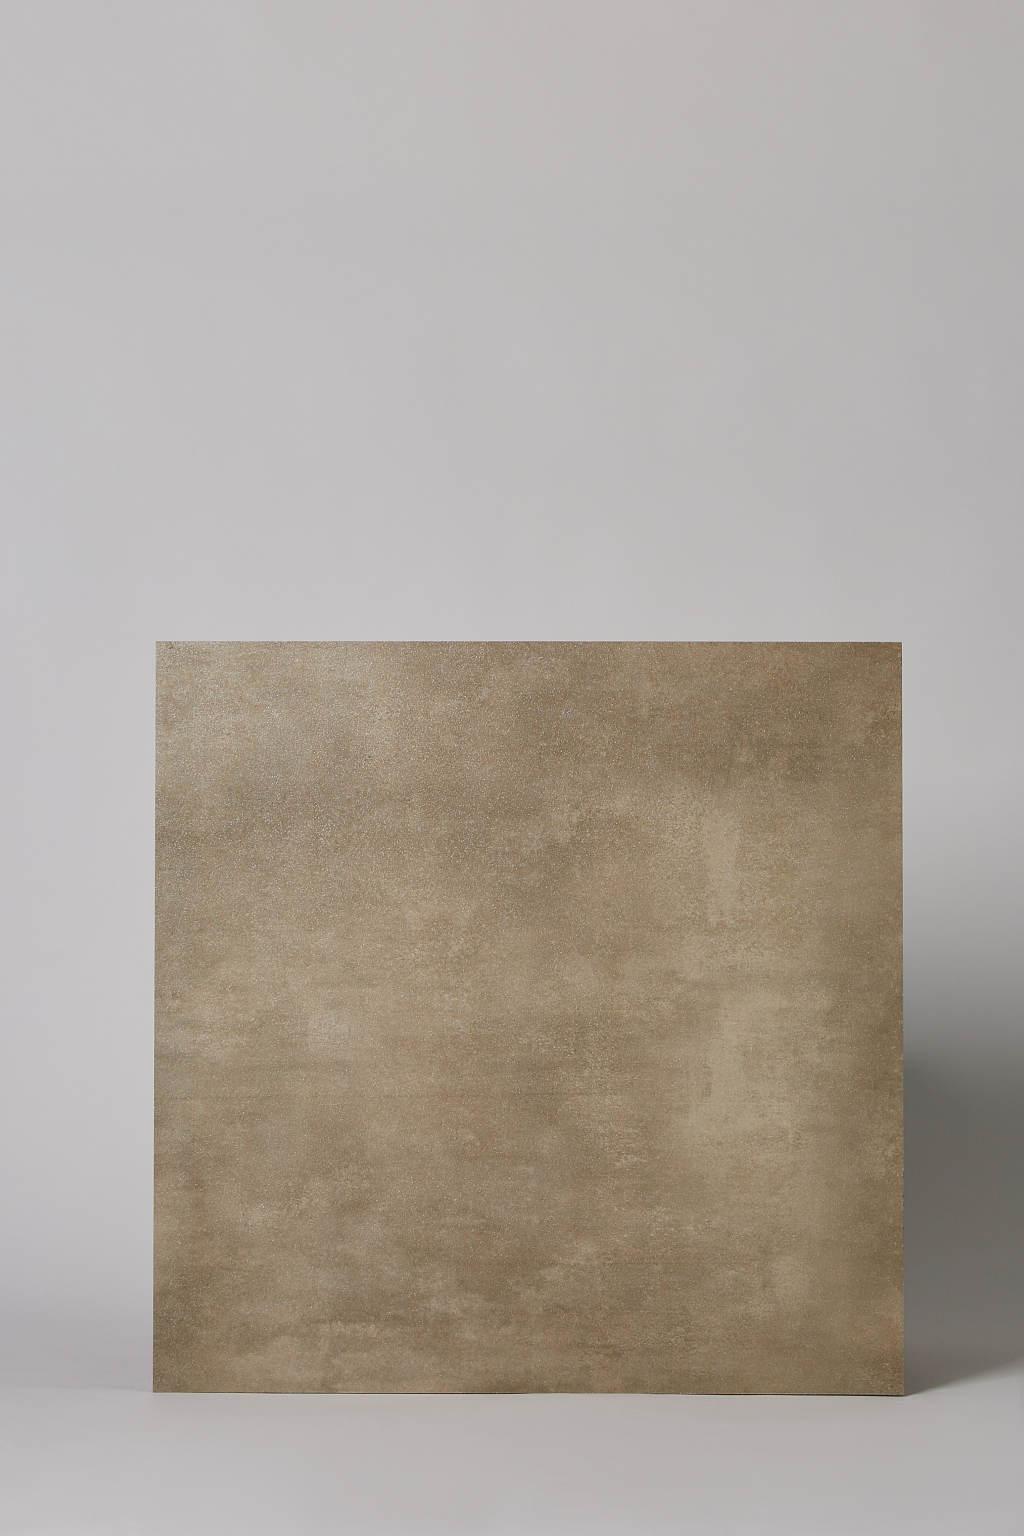 Płytka polska, gresowa, rektyfikowana, mrozoodporna, połysk, podłoga, ściana, rozmiar 60x60cm - NETTO Stardust cemento riga